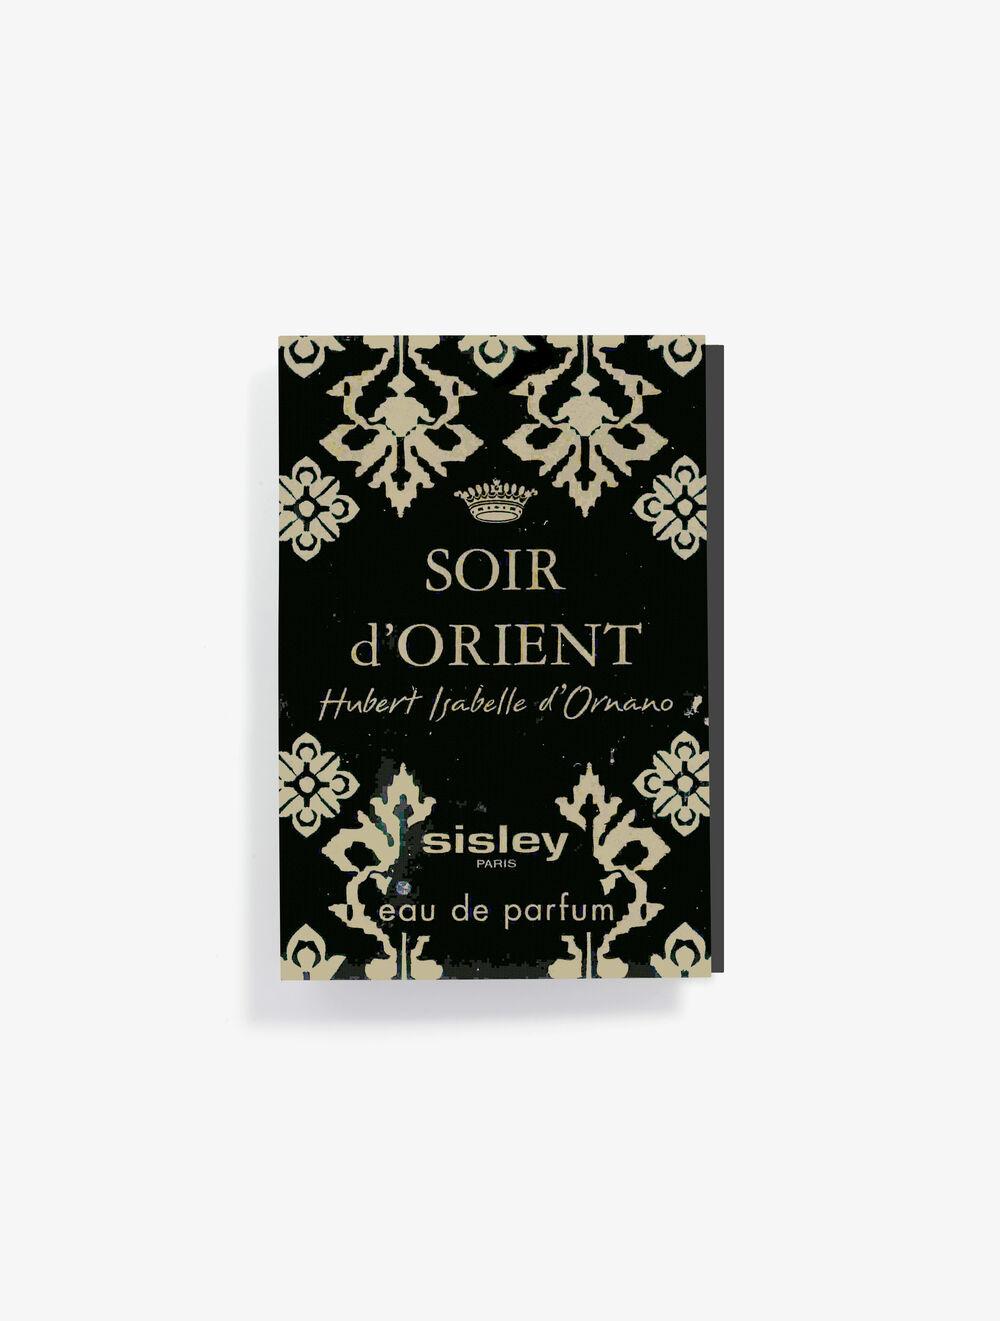 Soir d'Orient 1,4 ml